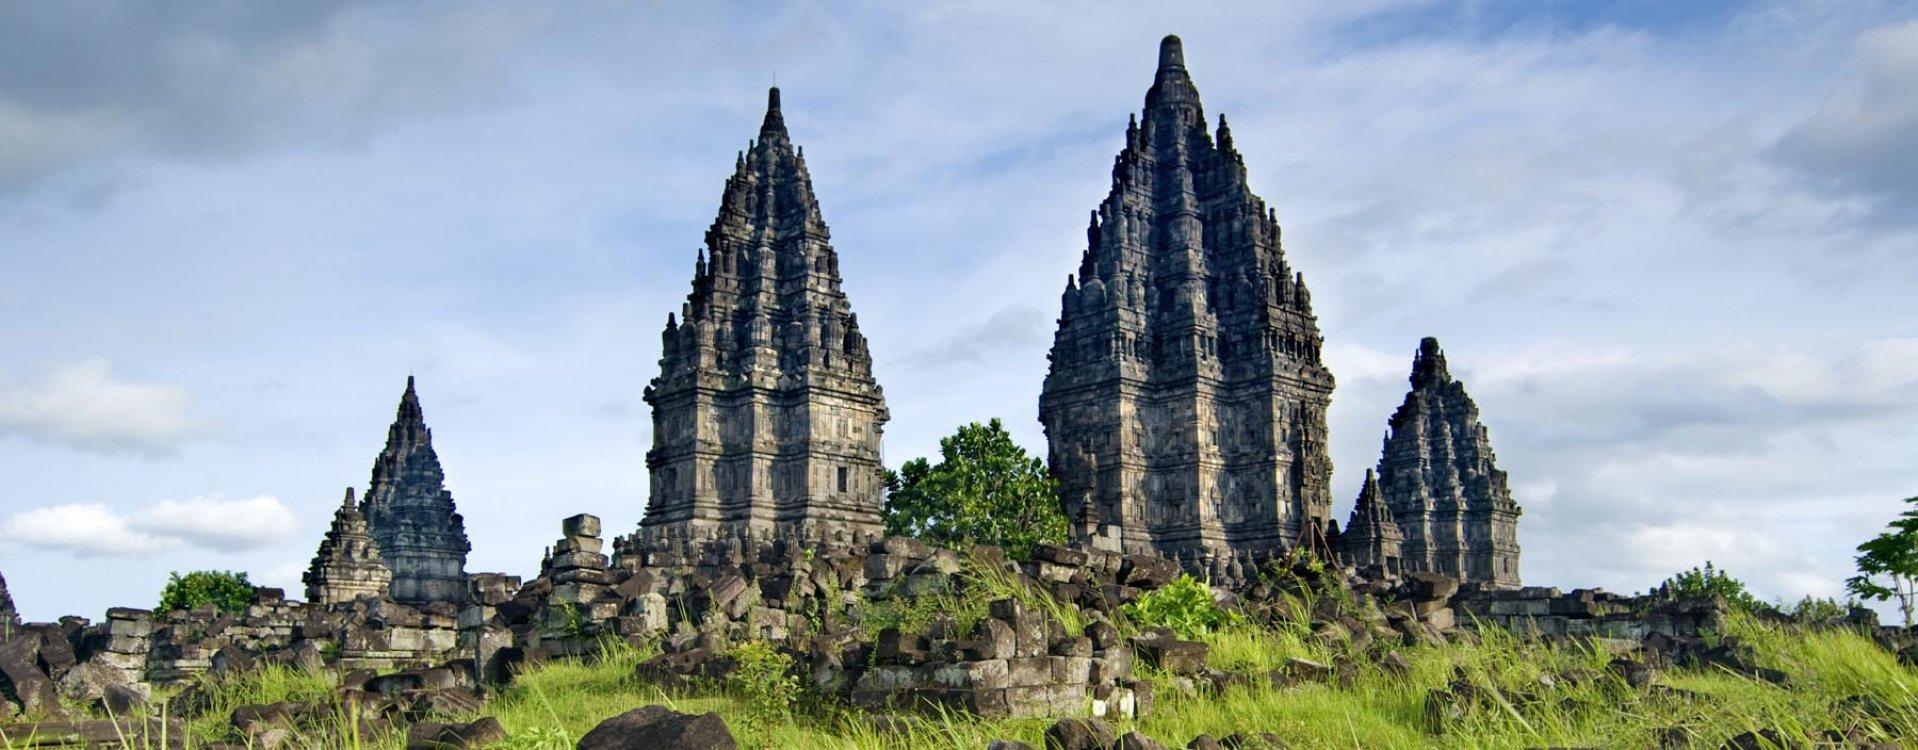 Hindoe tempel in Jogjakarta